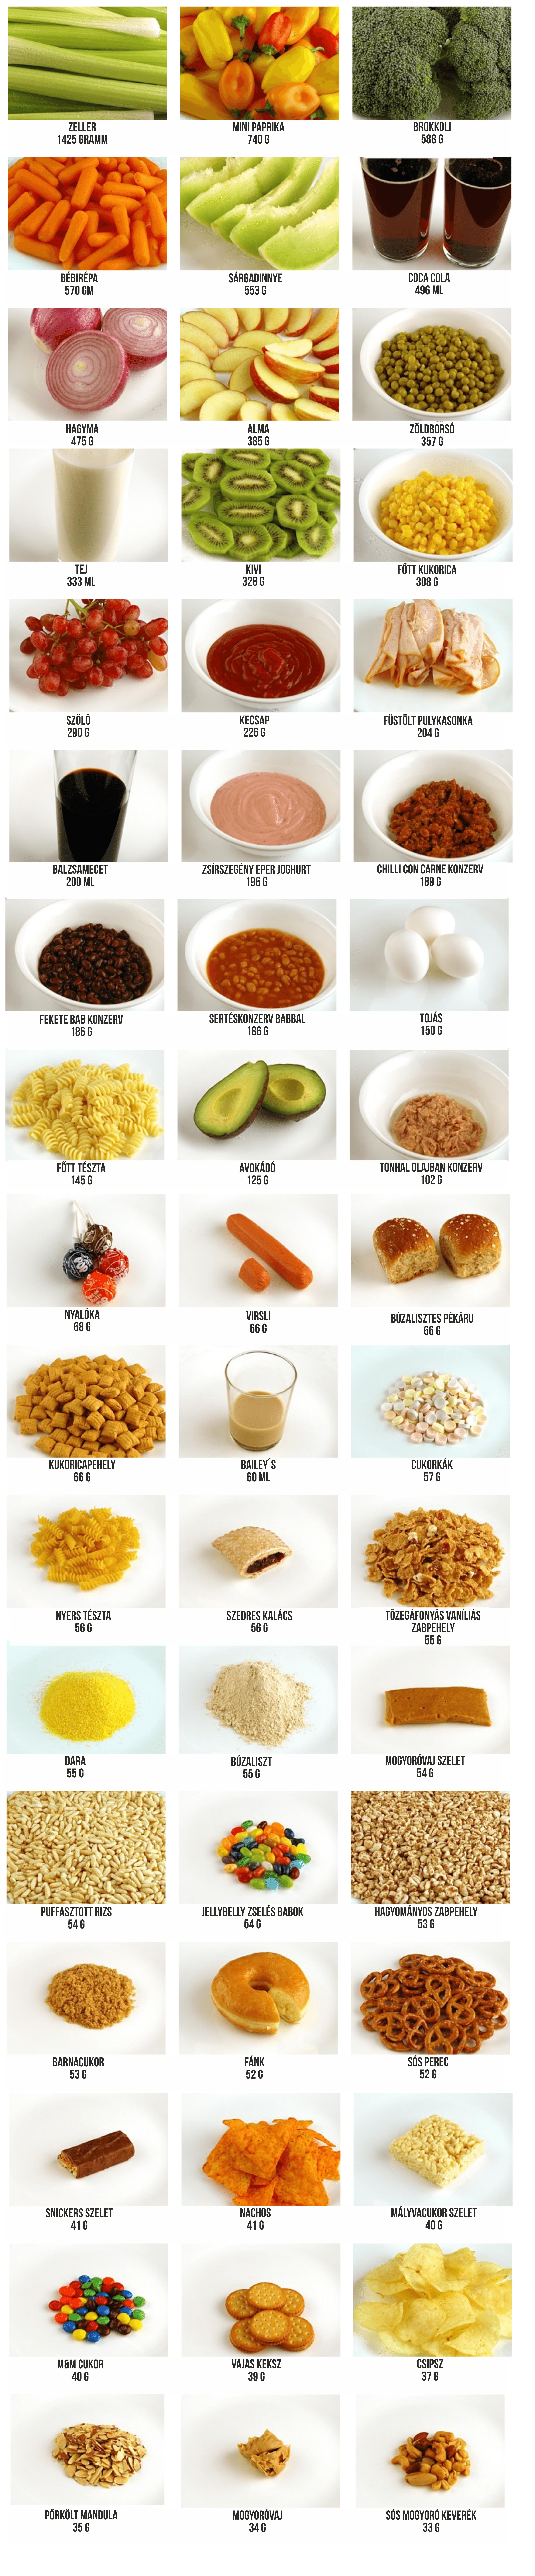 hogyan néz ki 200 kalória különböző élelmiszerekben